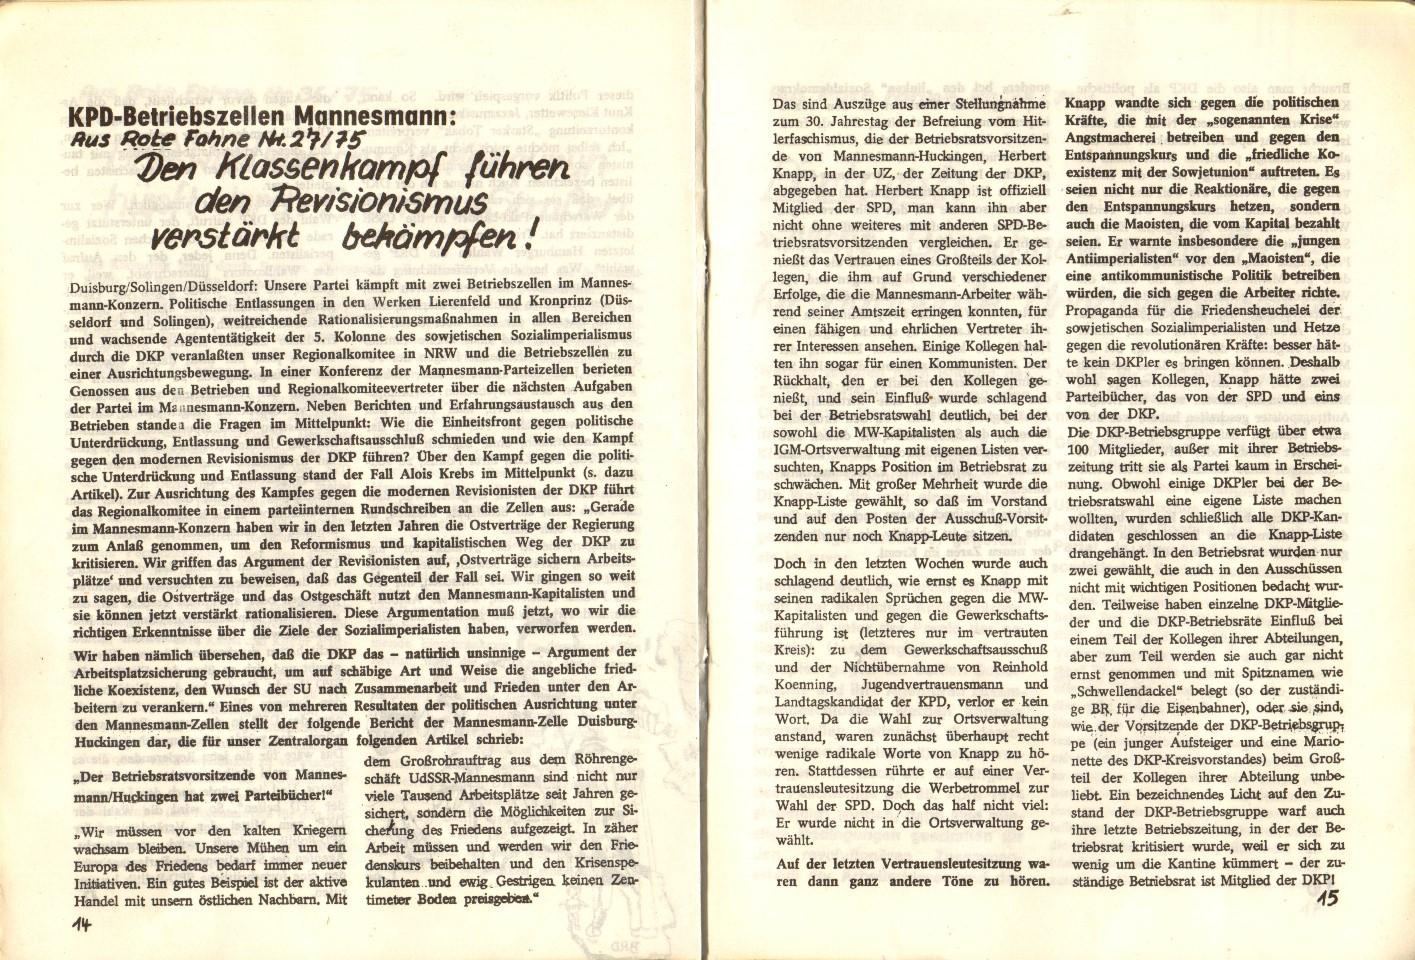 NRW_AO_1975_UZ_Sprachrohr_der_Kremlzaren_10